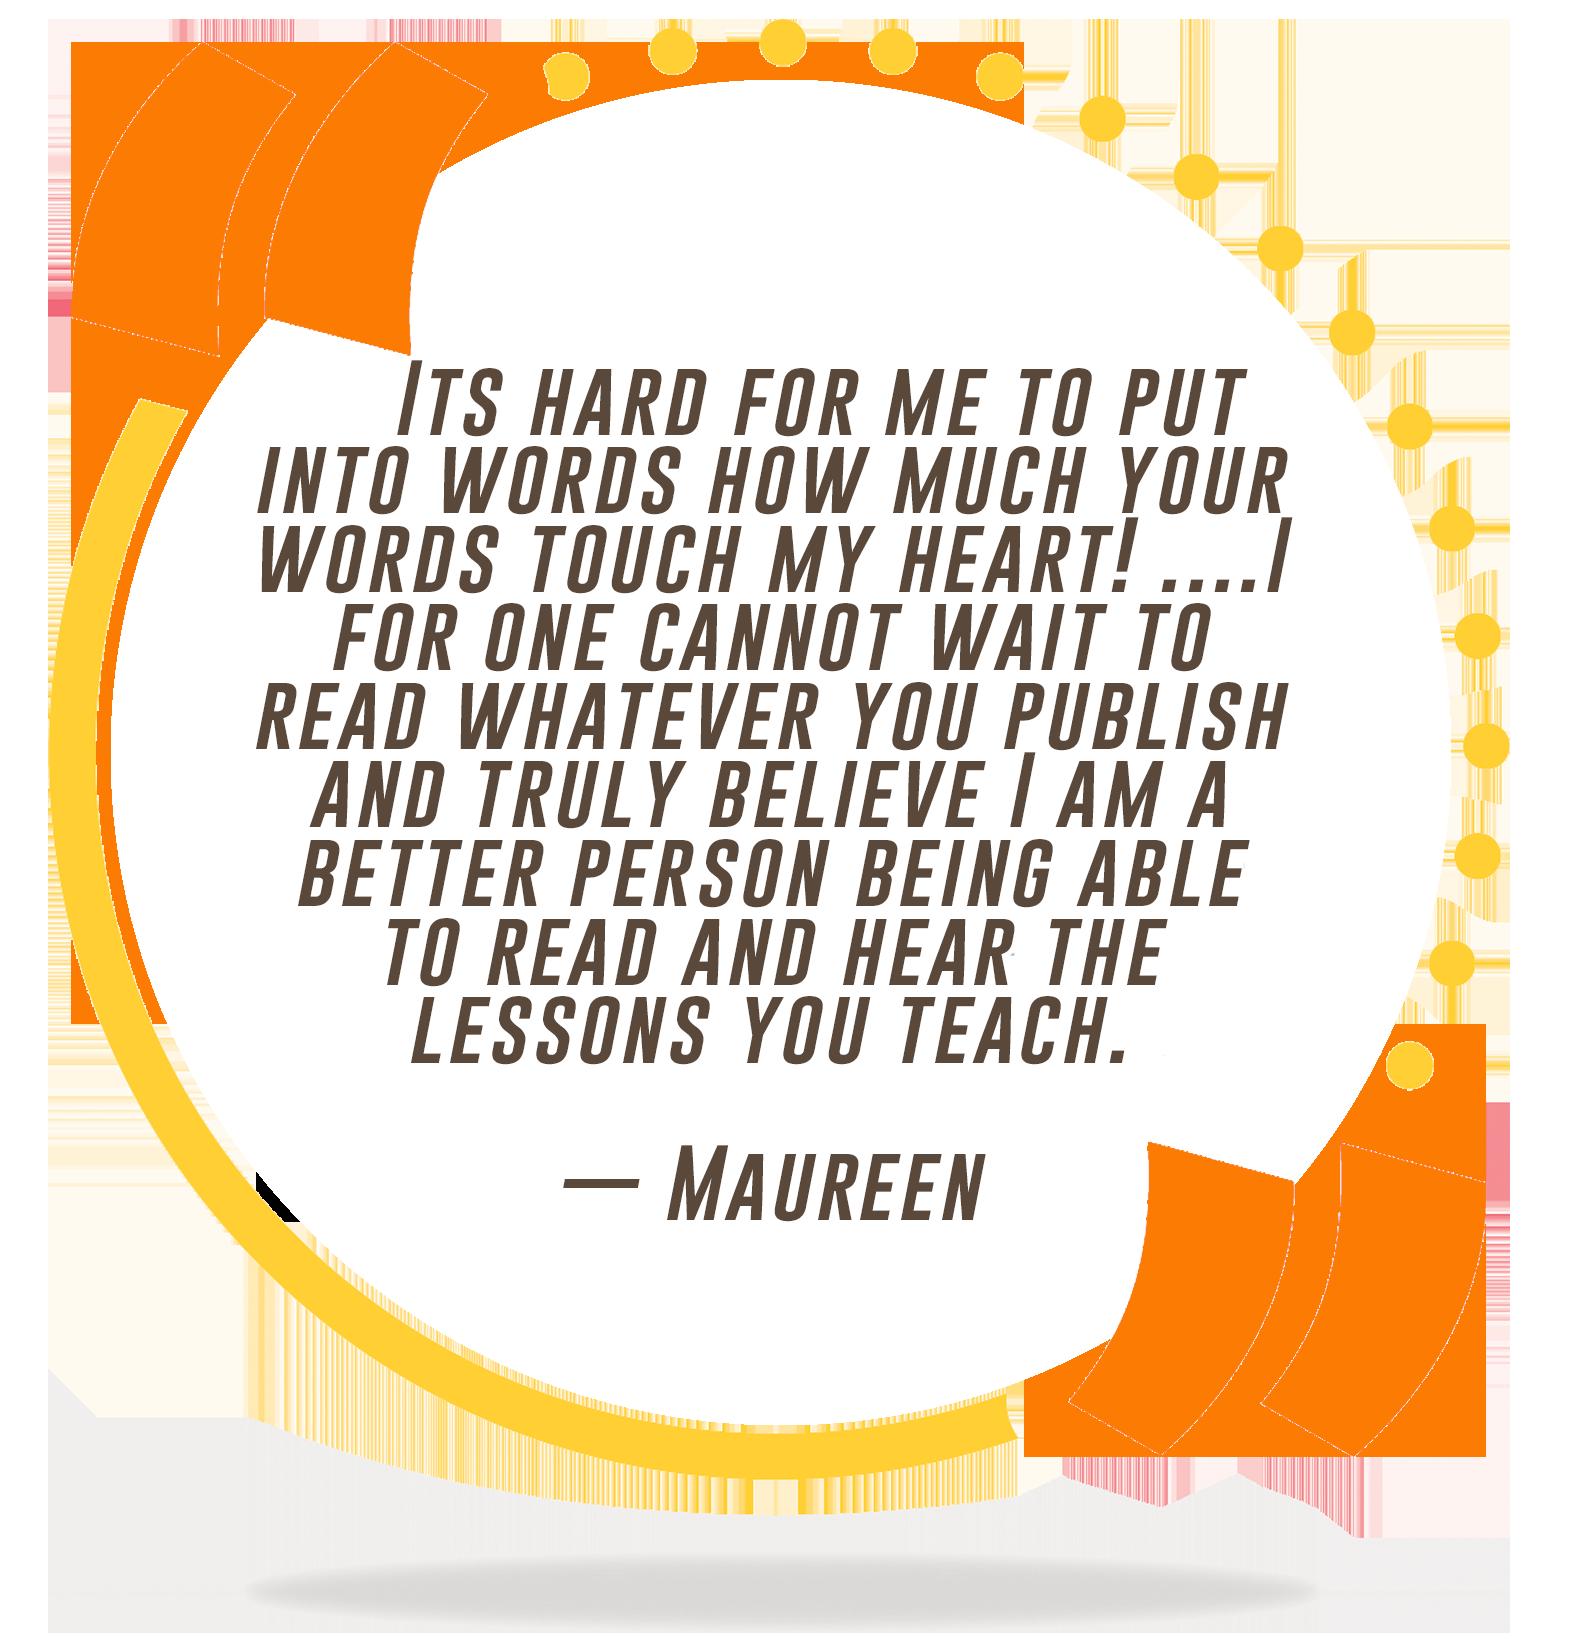 Maureen Testimony